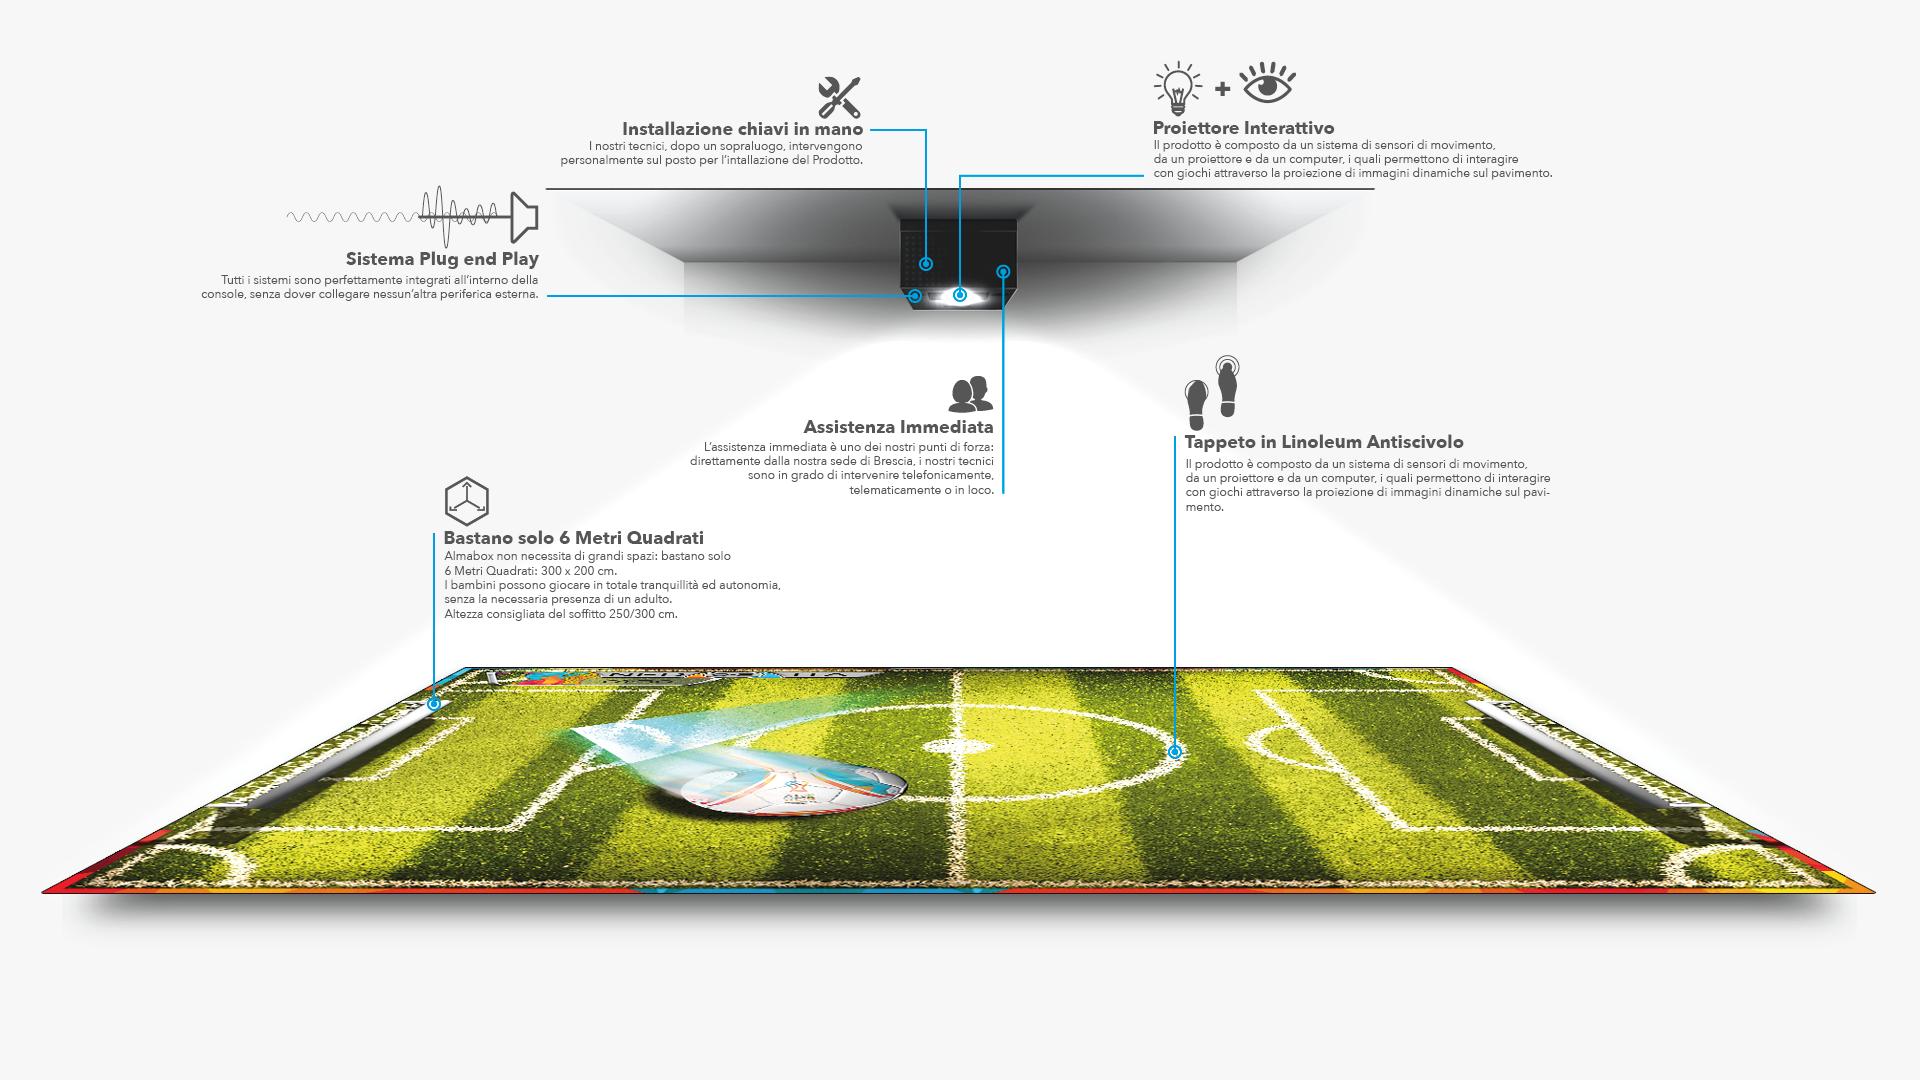 pavimenti e tavoli interattivi